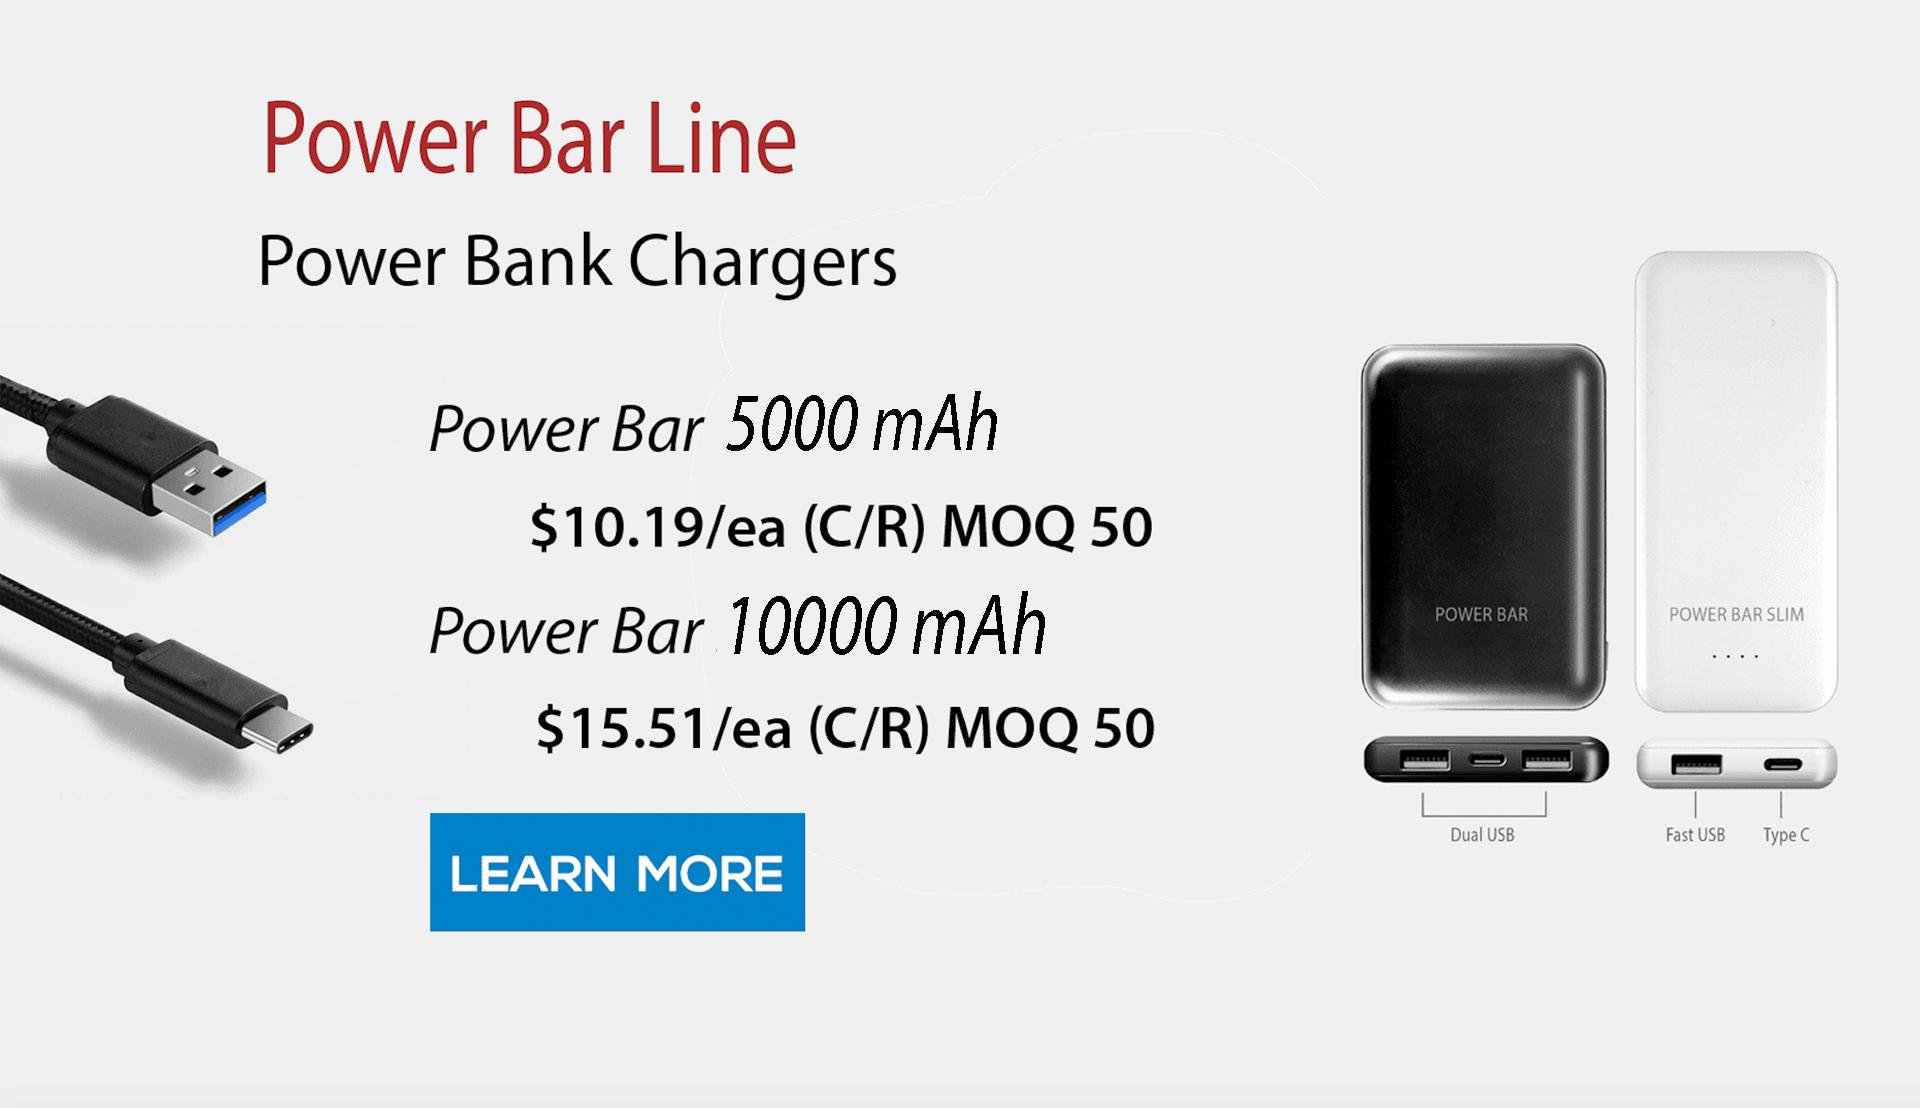 Power Bar Duo